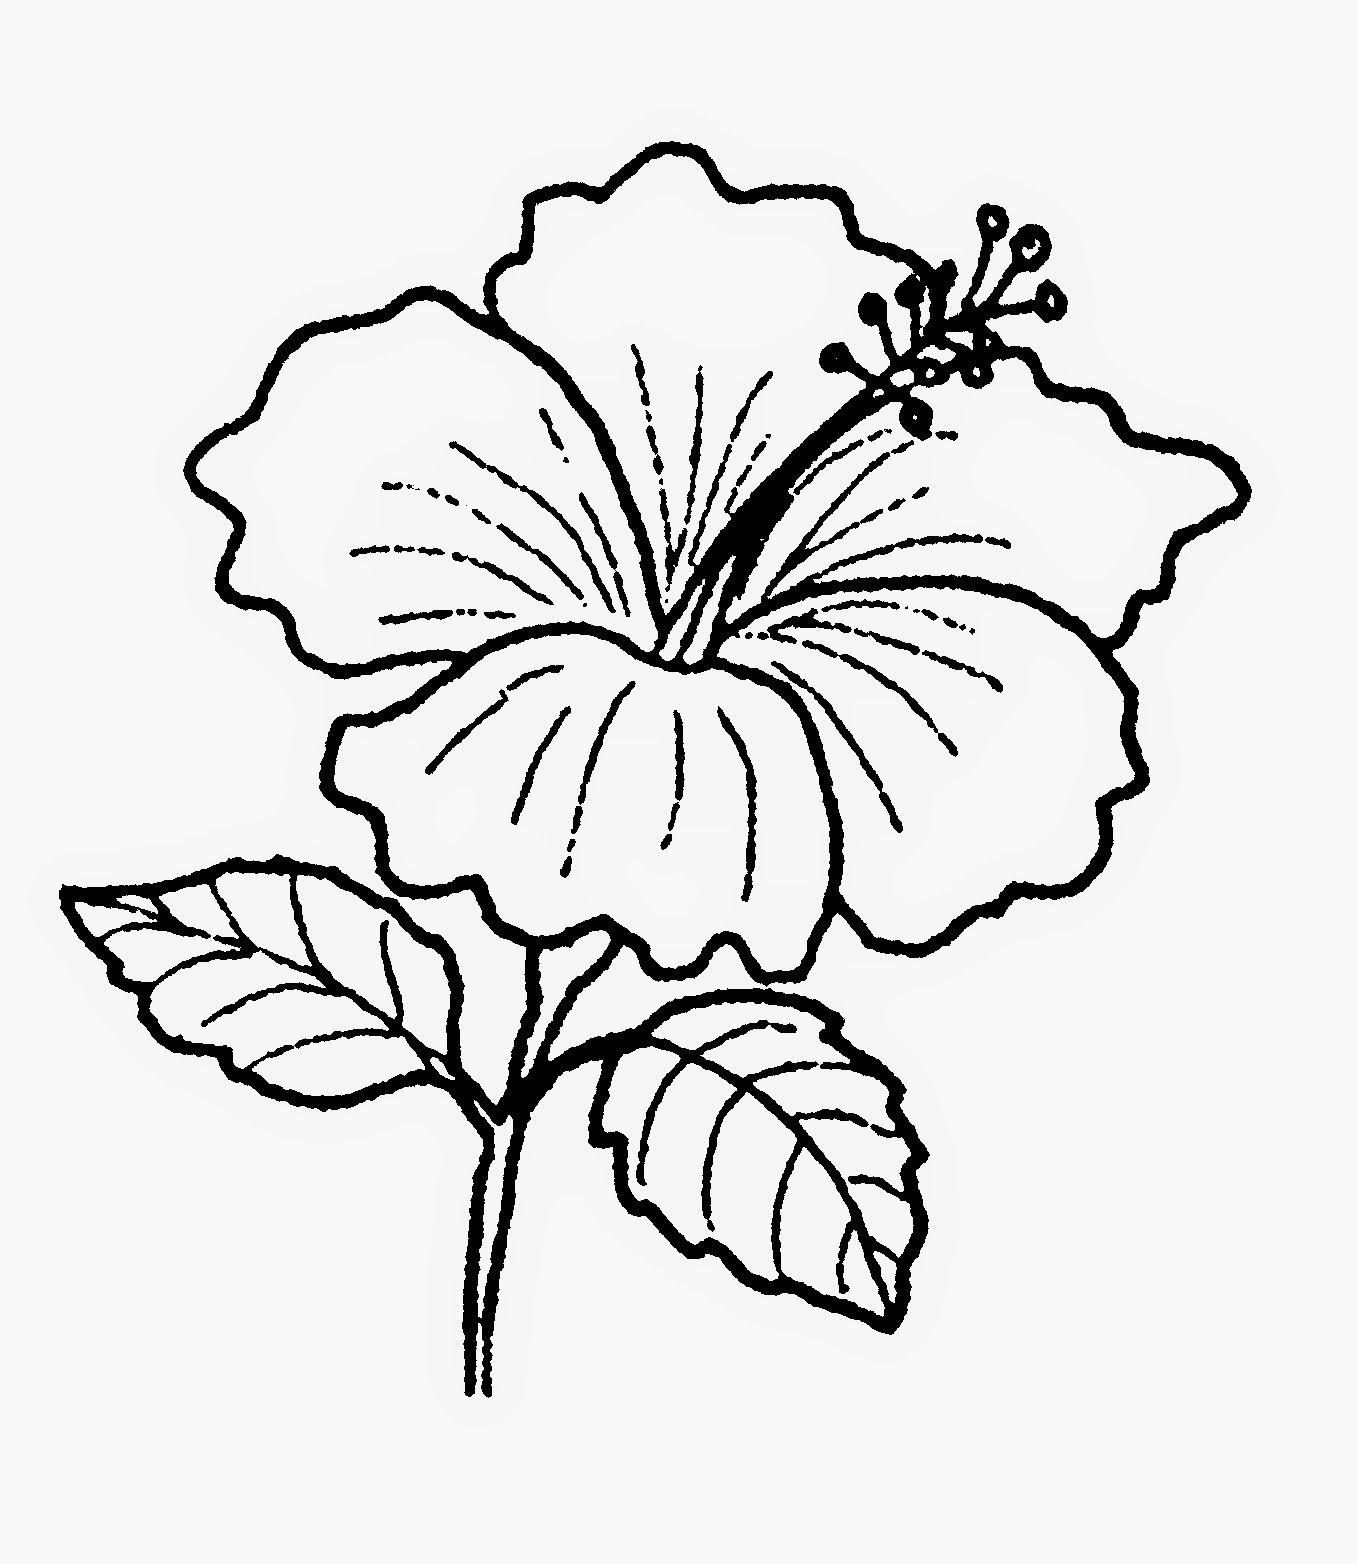 Gambar Bunga Raya Untuk Diwarnai Di 2020